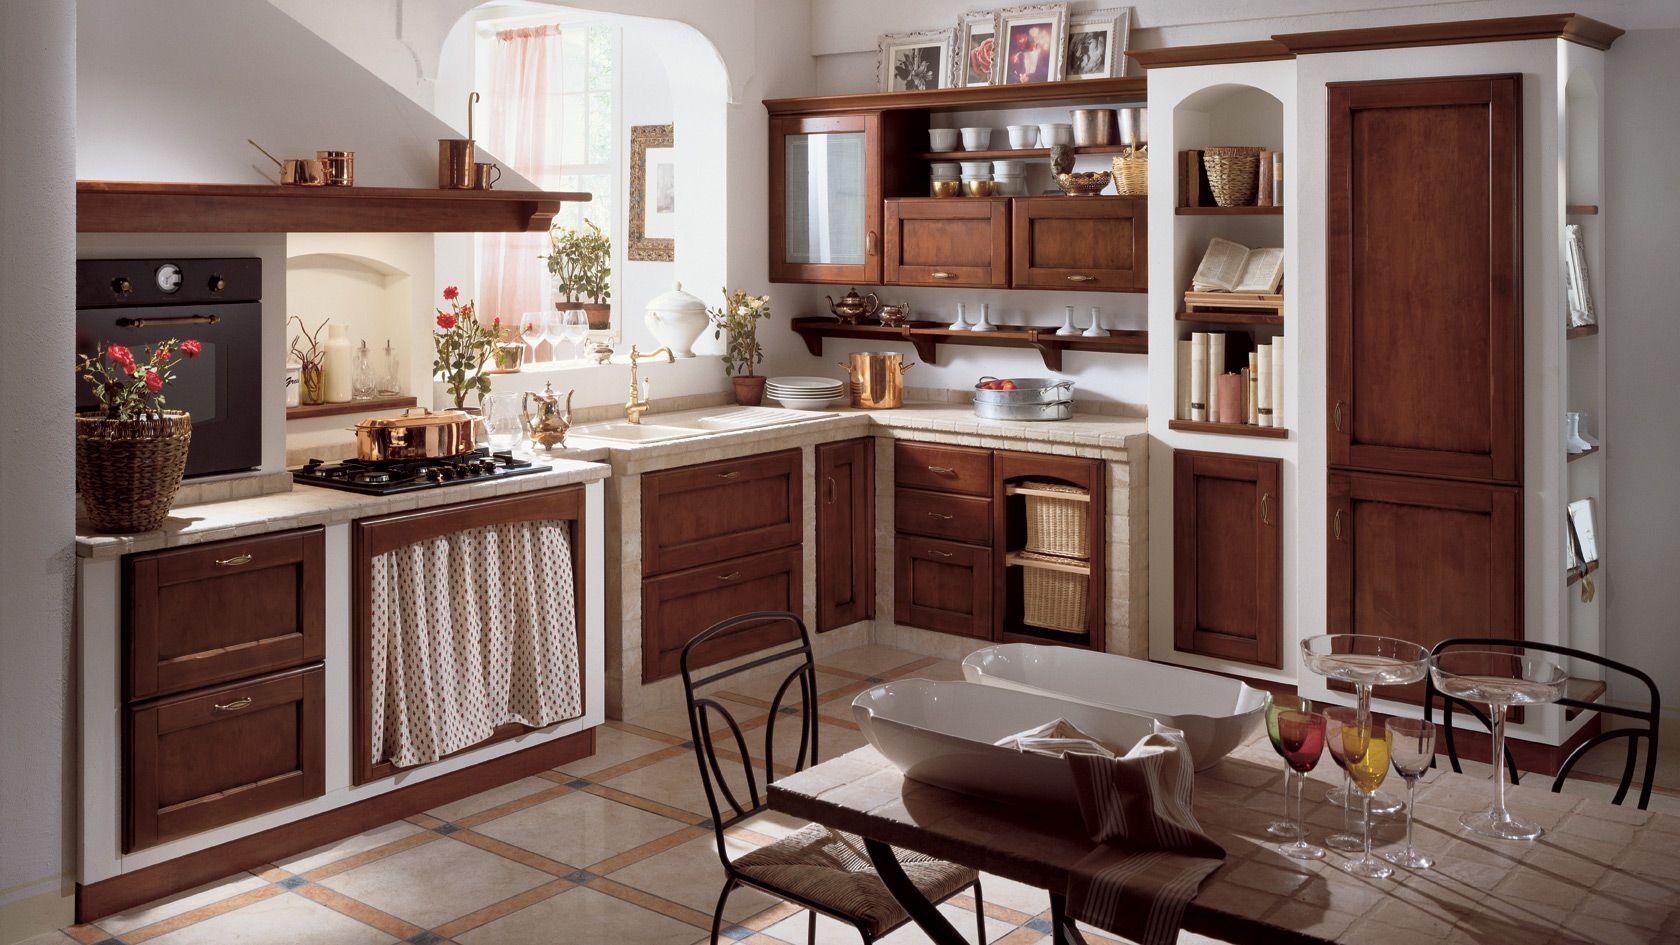 Cucine In Muratura Moderne Scavolini.Cucina Cora Scavolini Cucine Cucina In Muratura E Cucine